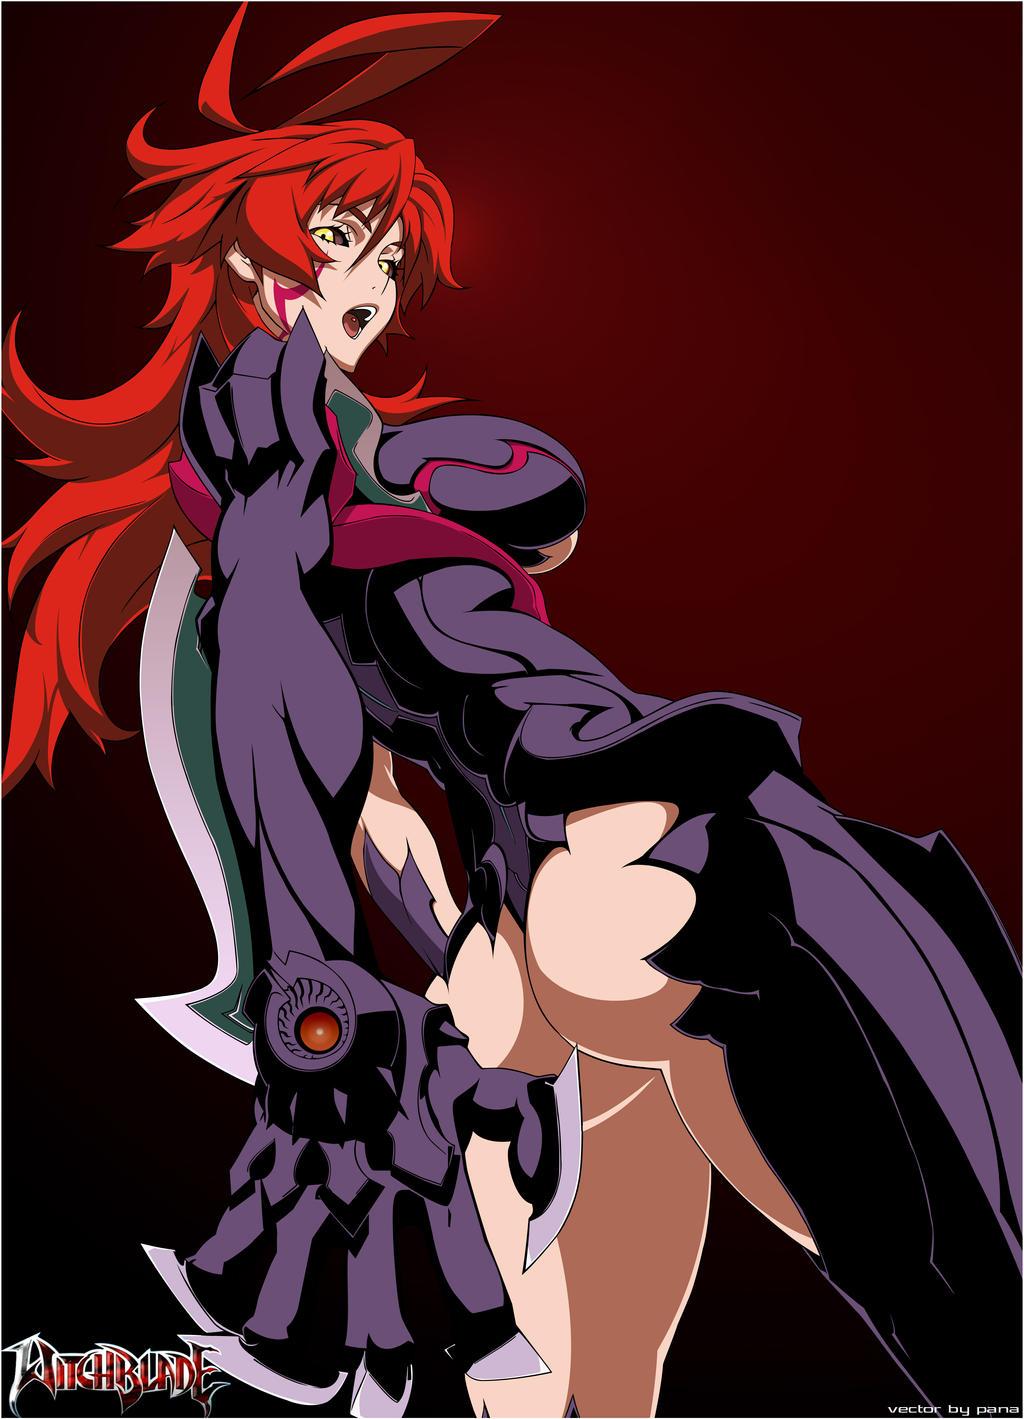 [Image: Witchblade___Masane_Amaha_by_pana74.jpg]